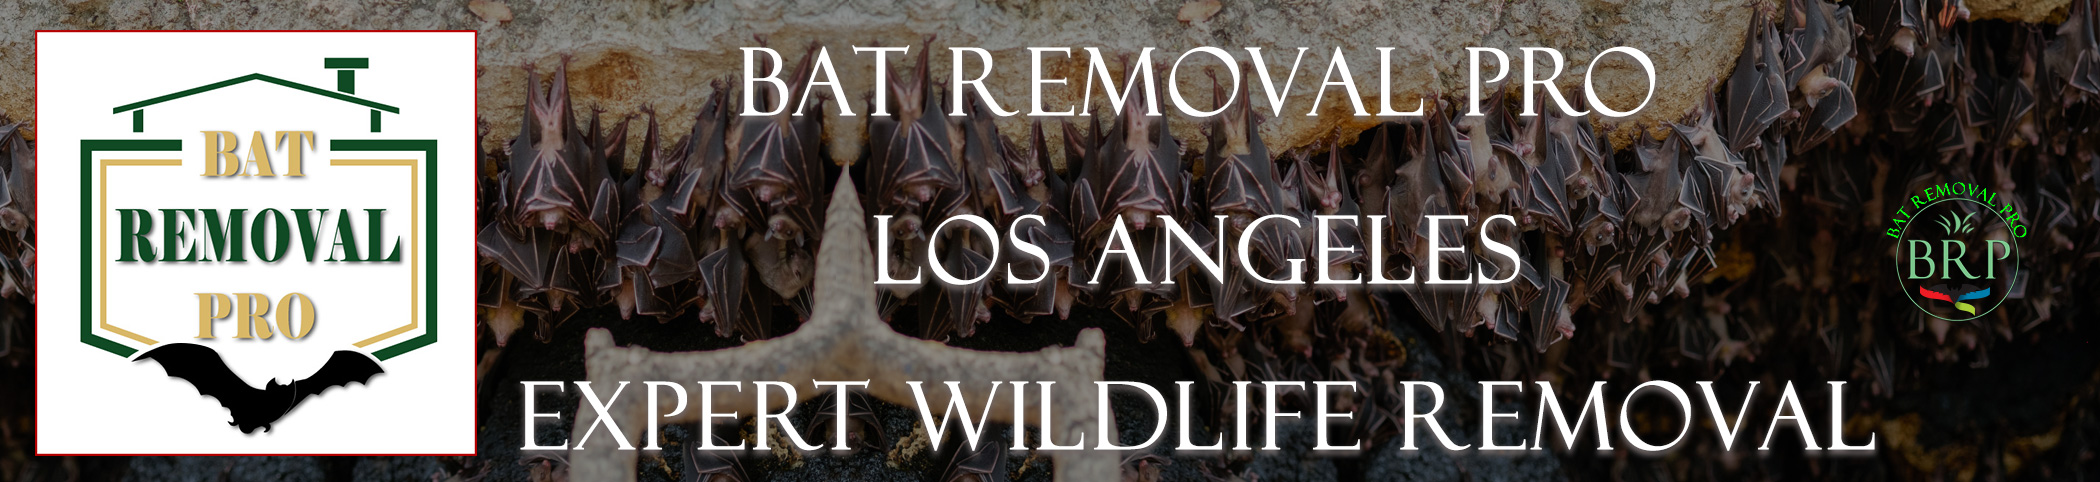 los angeles california bat removal at bat removal pro